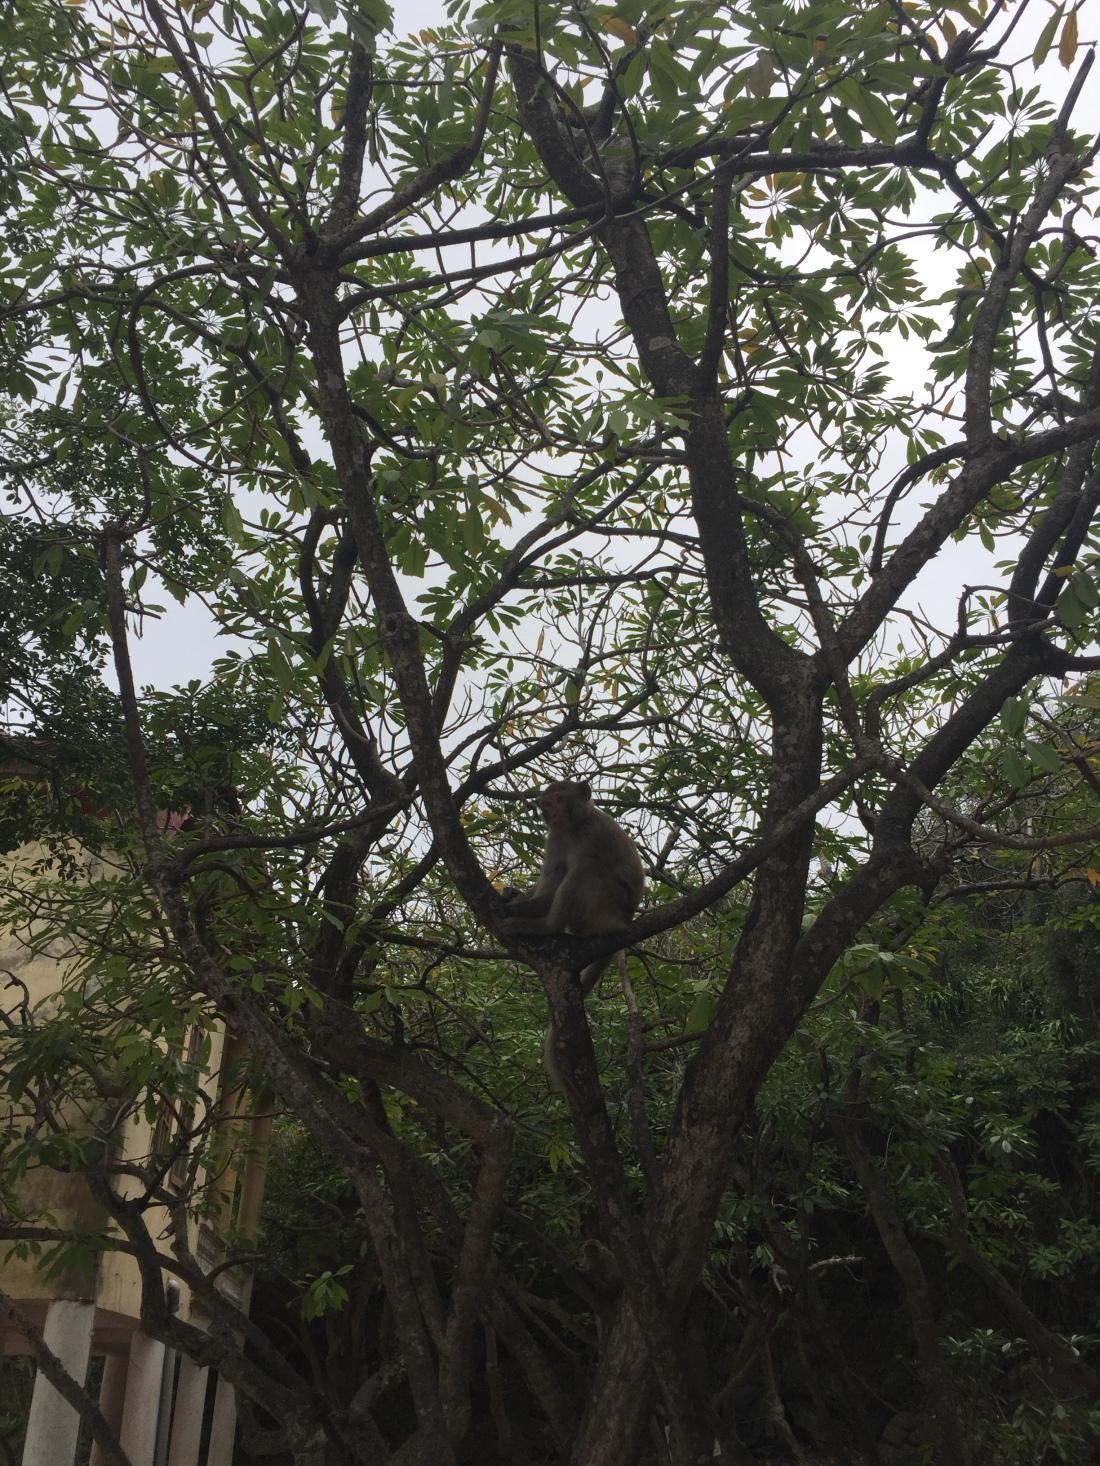 Monkey in a tree Ha Long Bay Vietnam